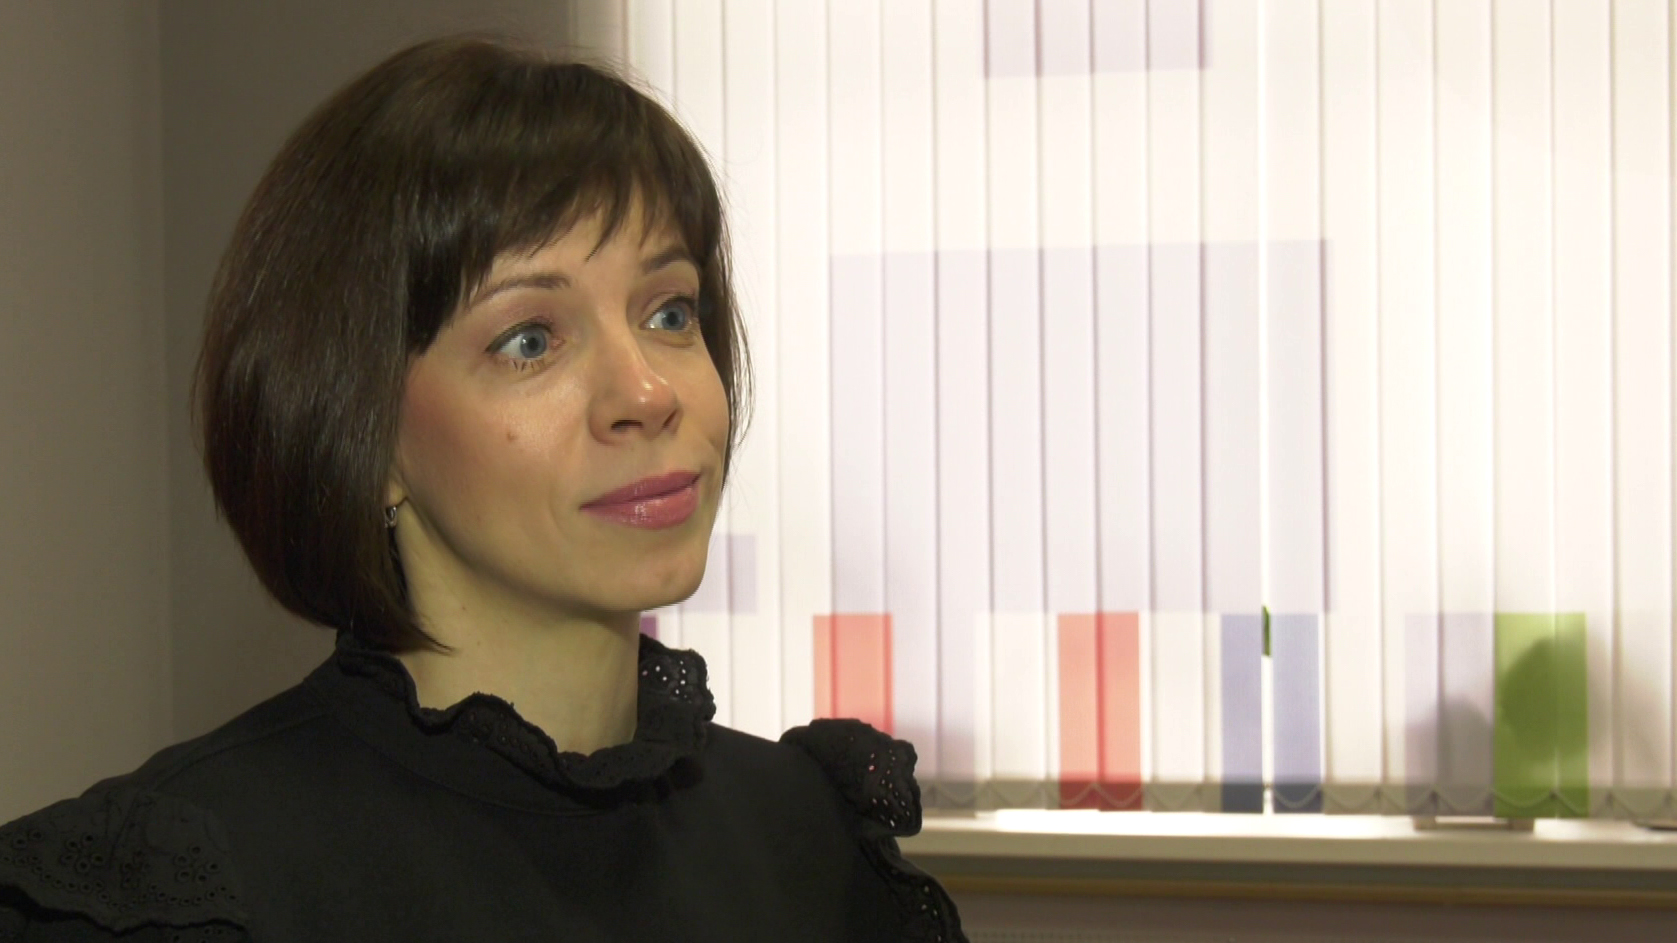 novyj sezon radio vitebsk - «Радио Витебск» обновляется в новом сезоне (видео)